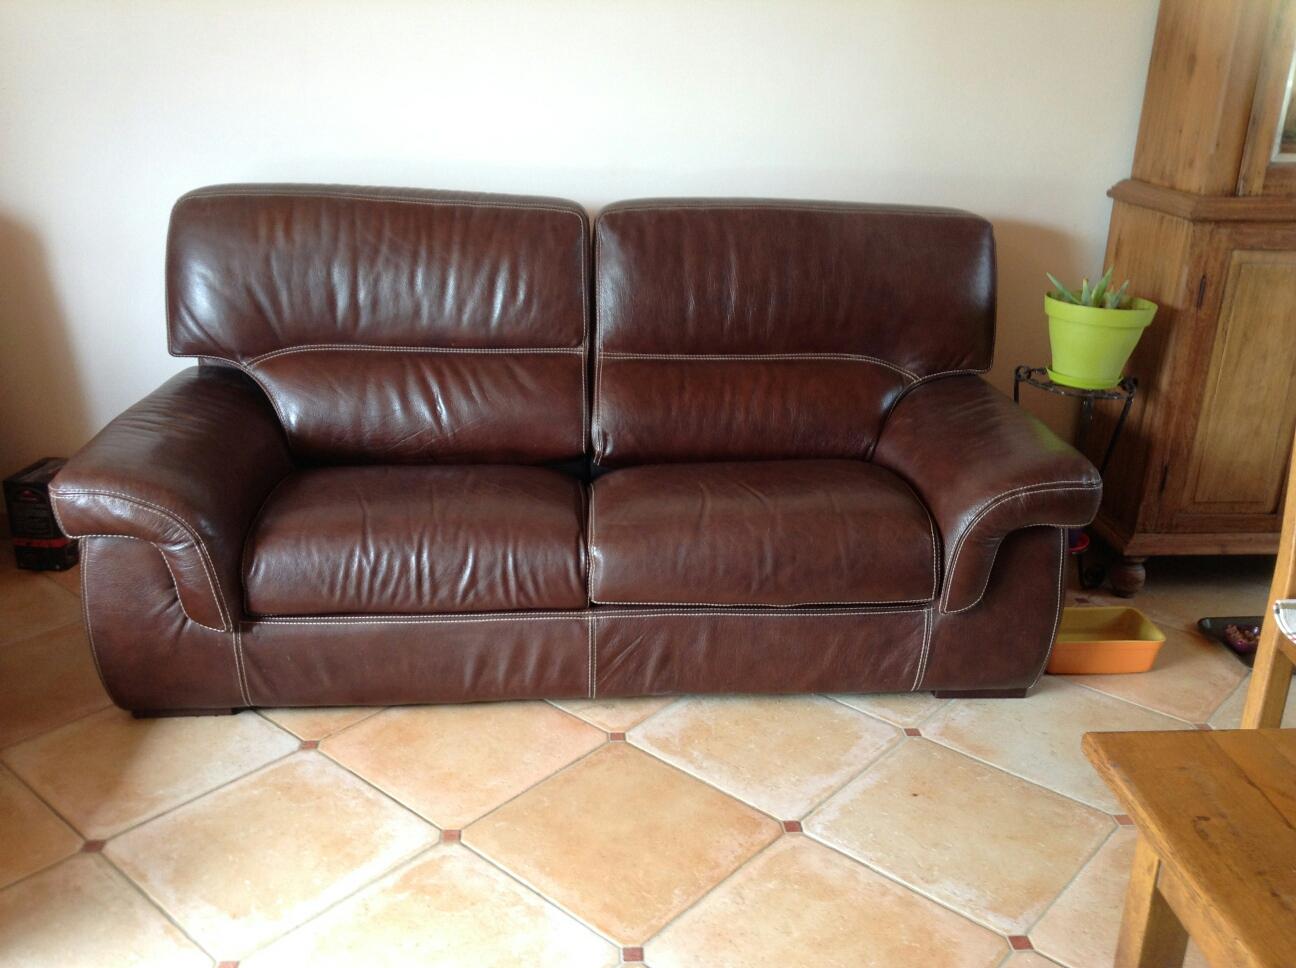 canap s en cuir occasion en vend e 85 annonces achat et vente de canap s en cuir paruvendu. Black Bedroom Furniture Sets. Home Design Ideas